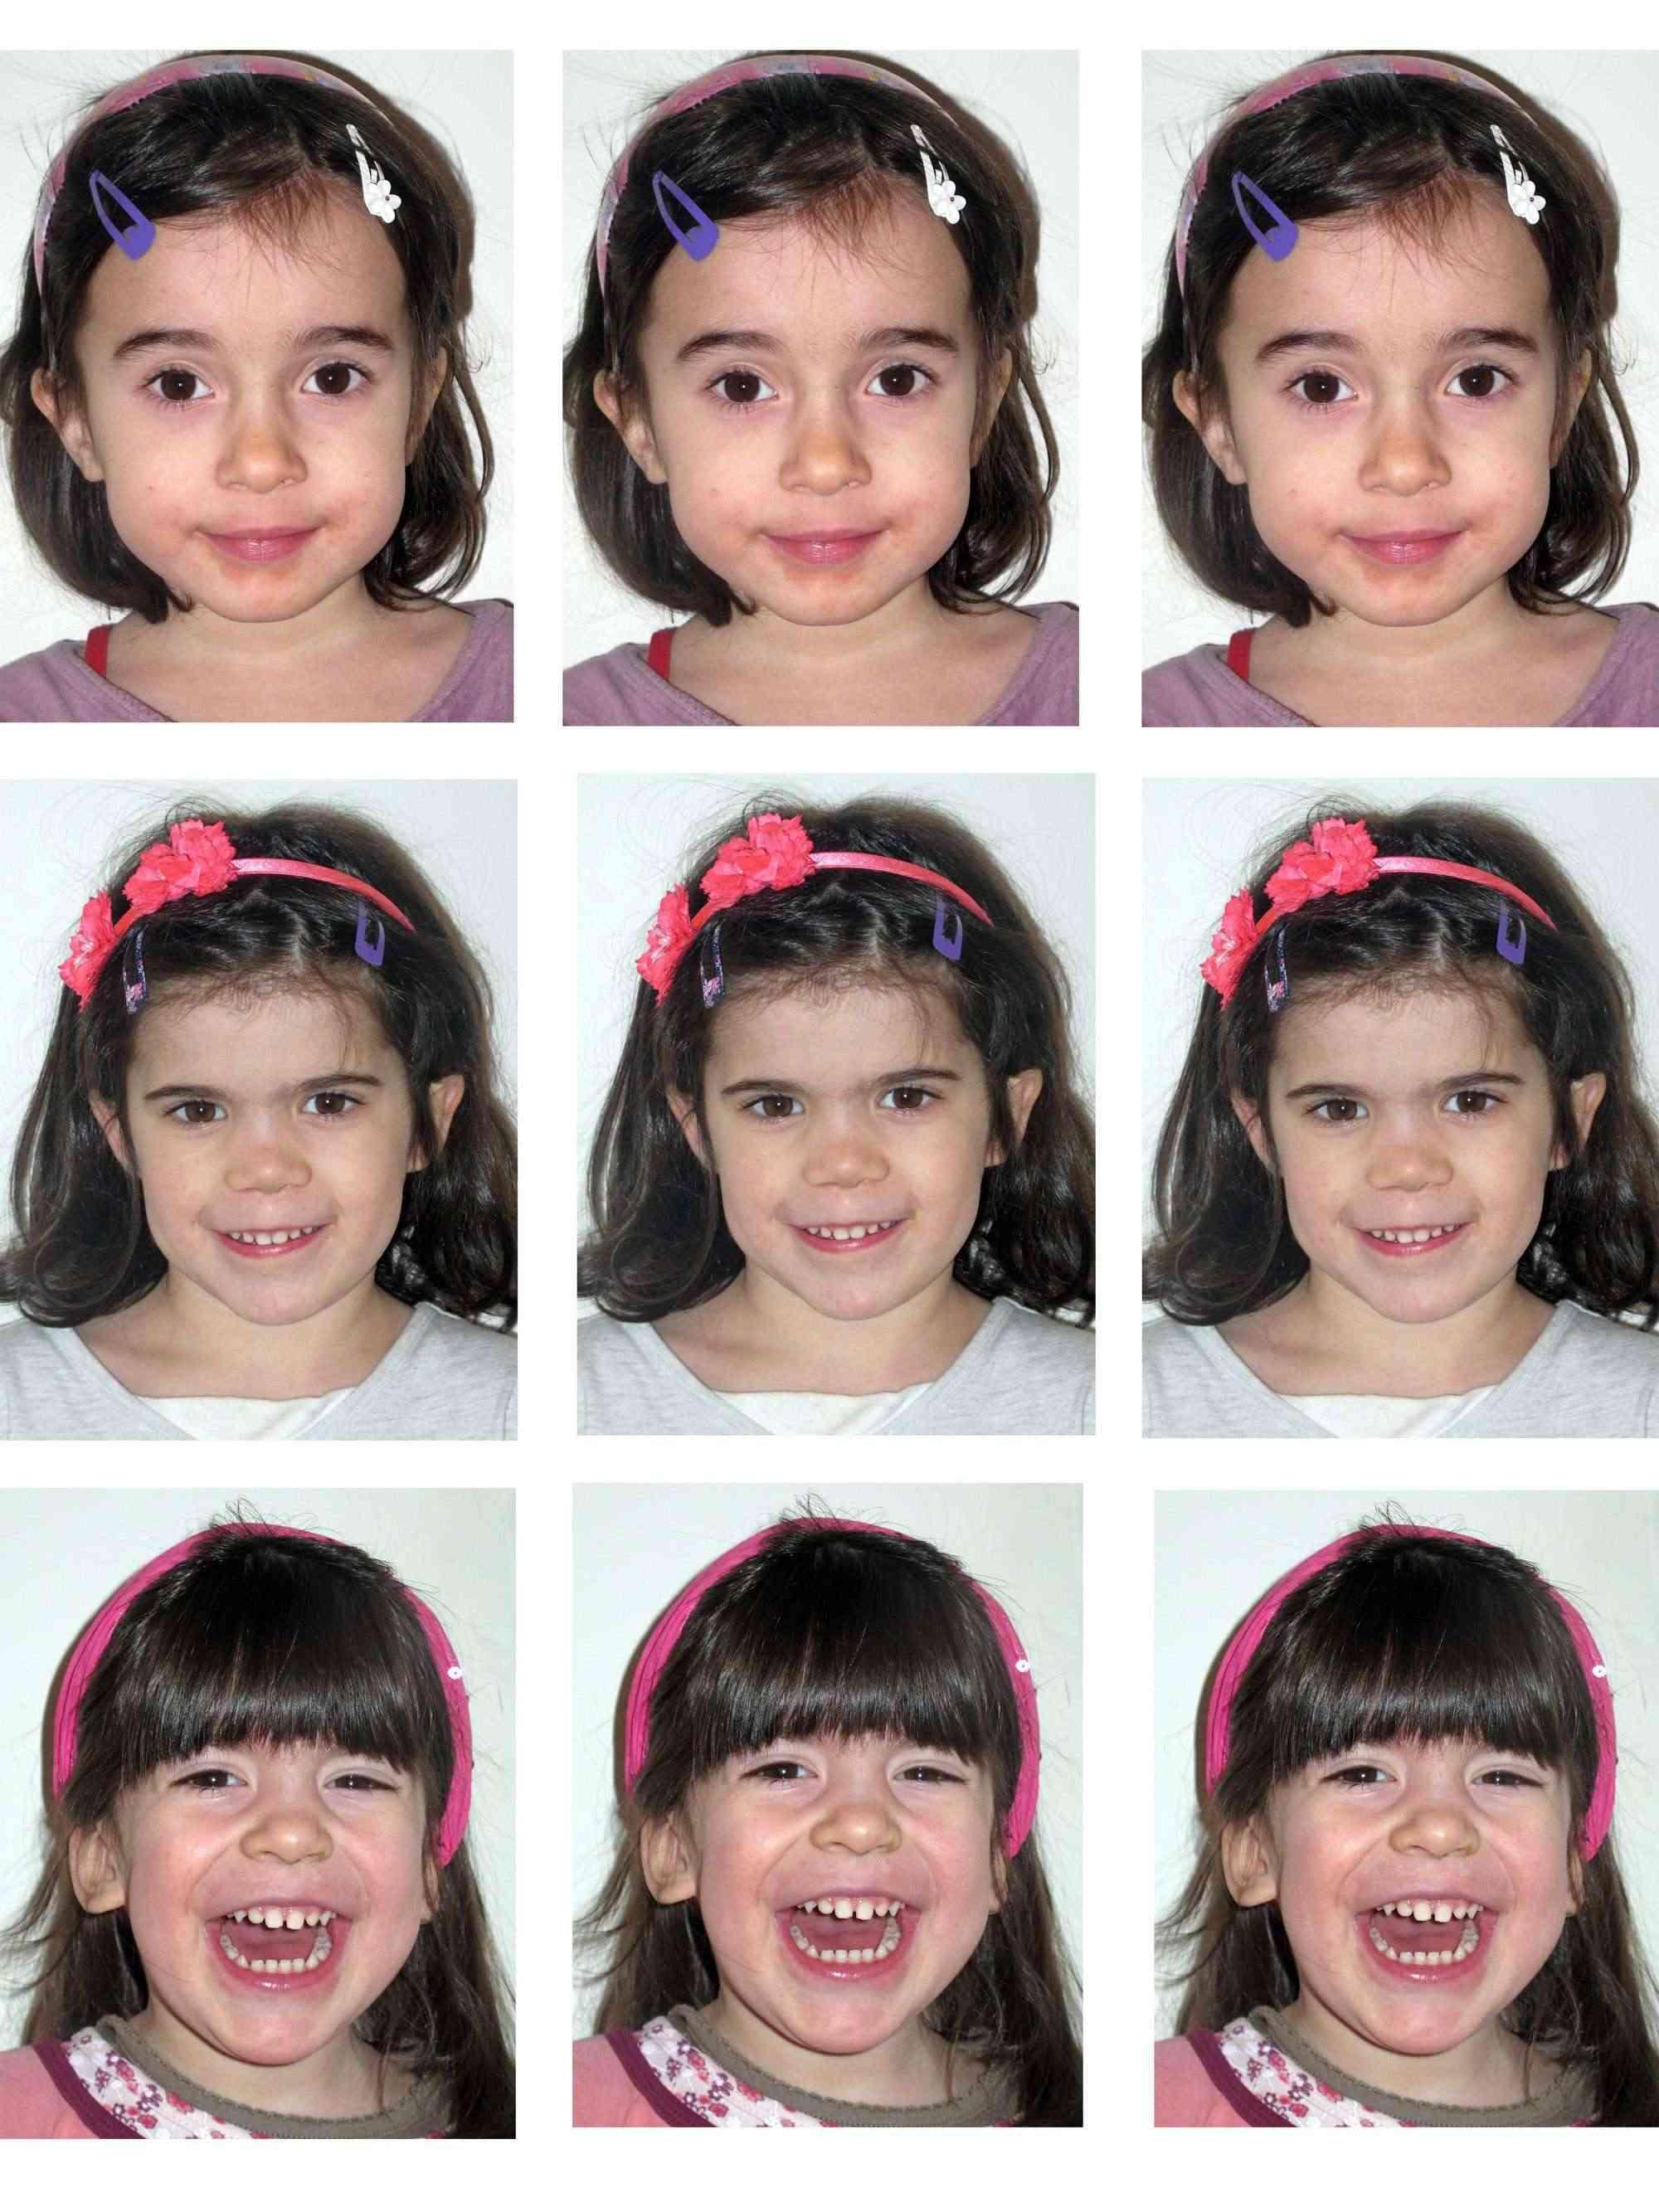 http://i73.servimg.com/u/f73/09/01/63/29/foto210.jpg